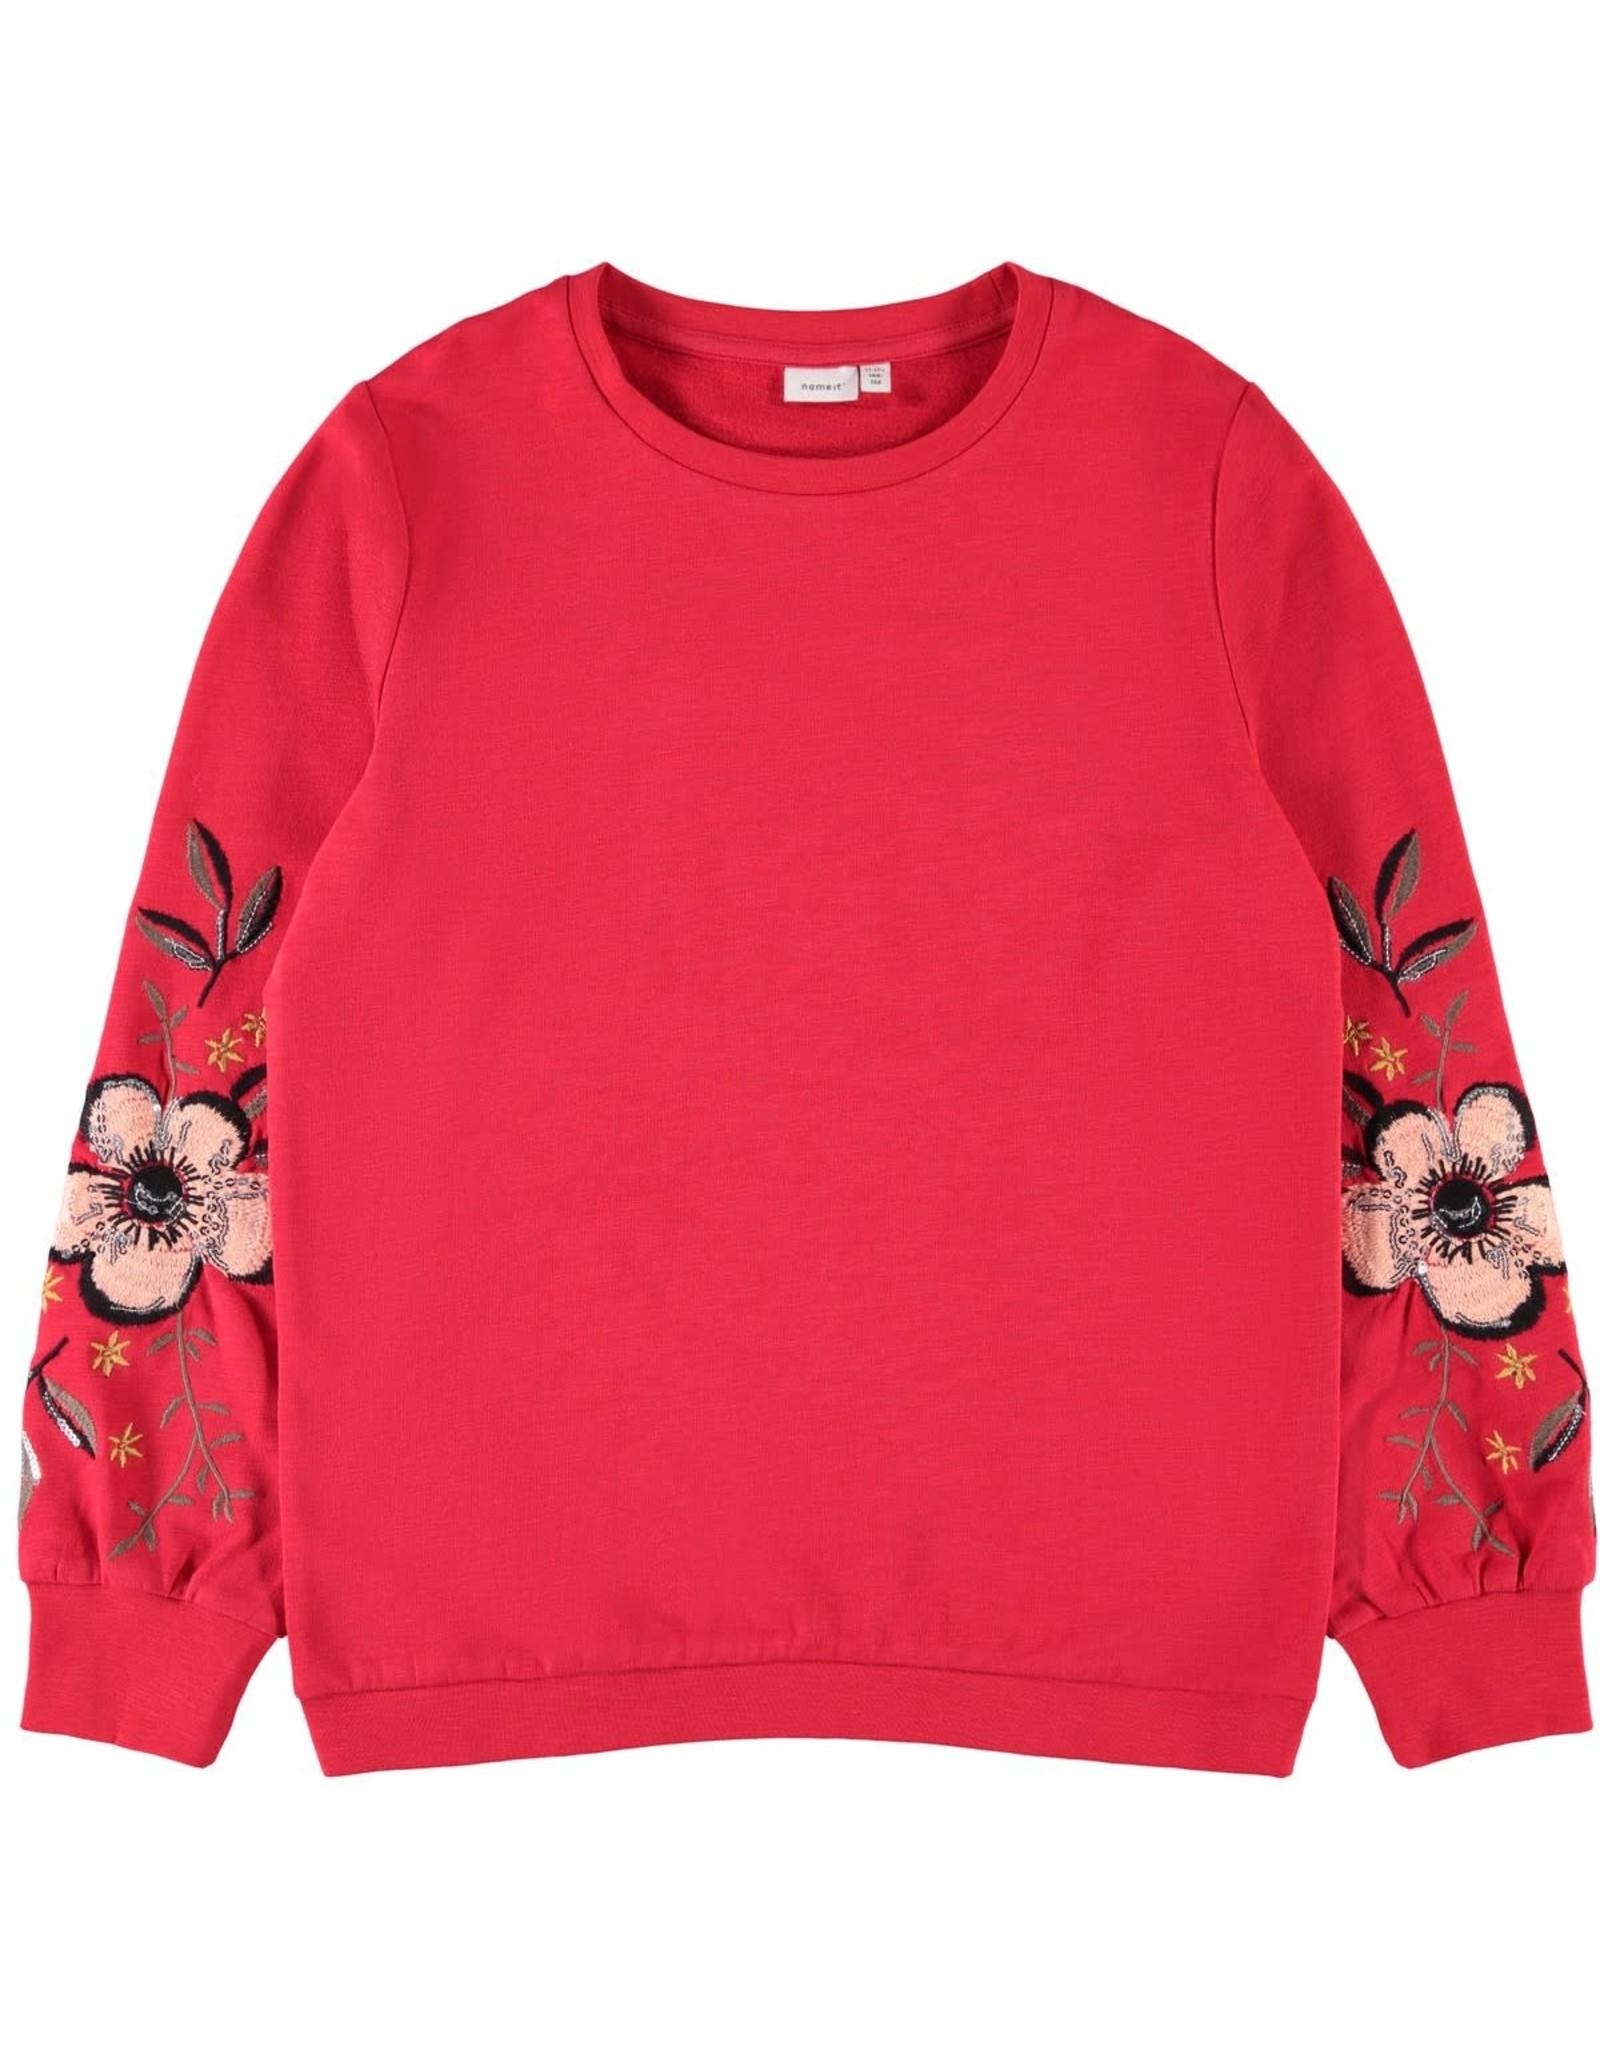 Name It Sweater Rood Met Geborduurde Bloemen